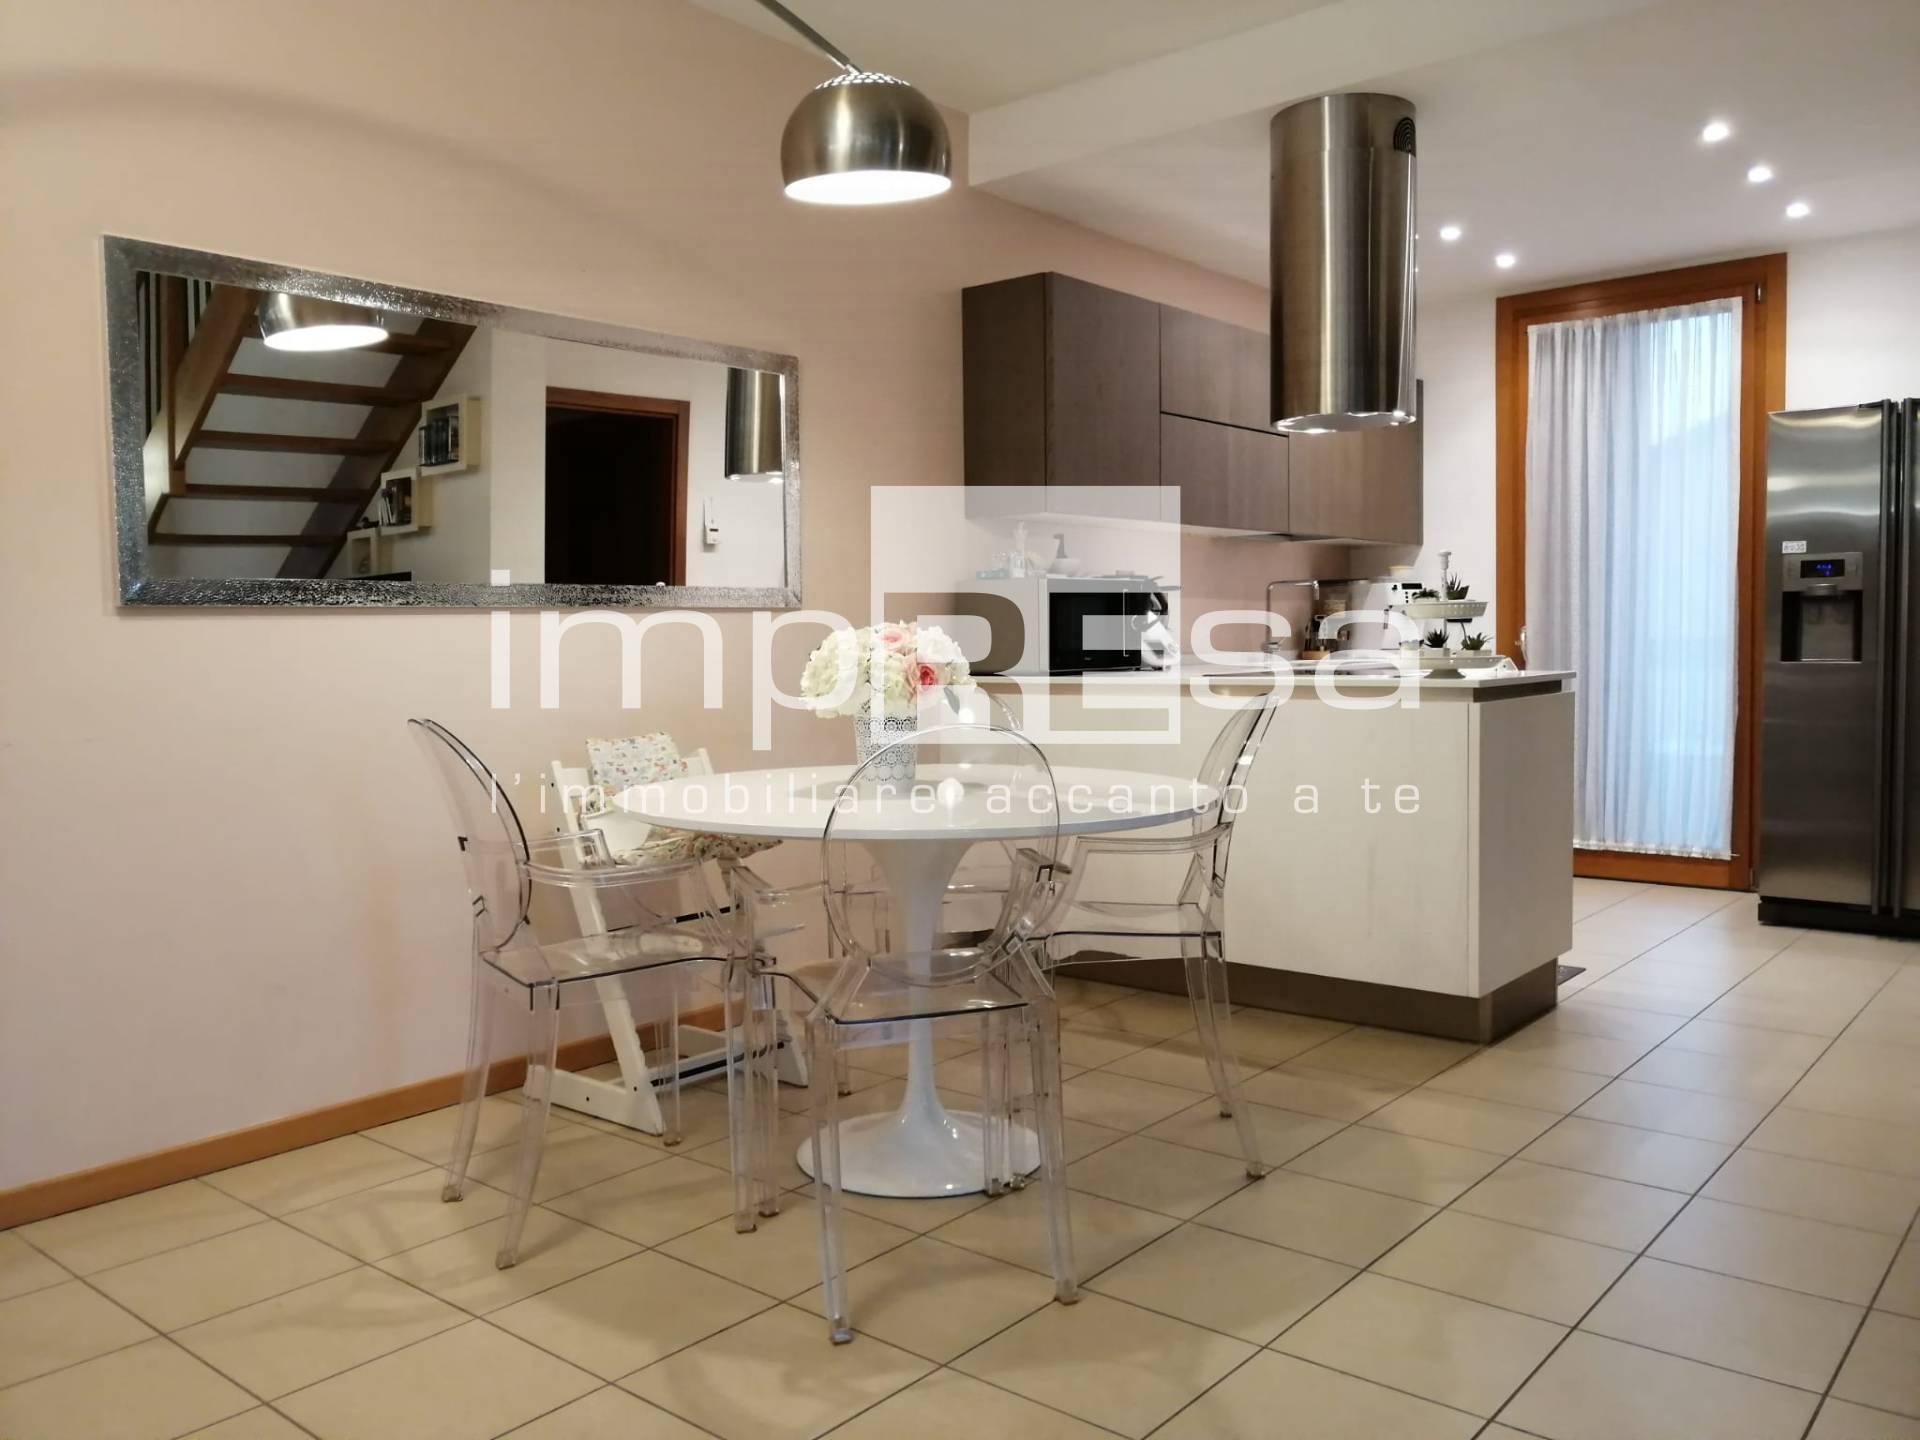 Appartamento in vendita a Marcon, 6 locali, zona Località: SanLiberale, prezzo € 217.000 | CambioCasa.it